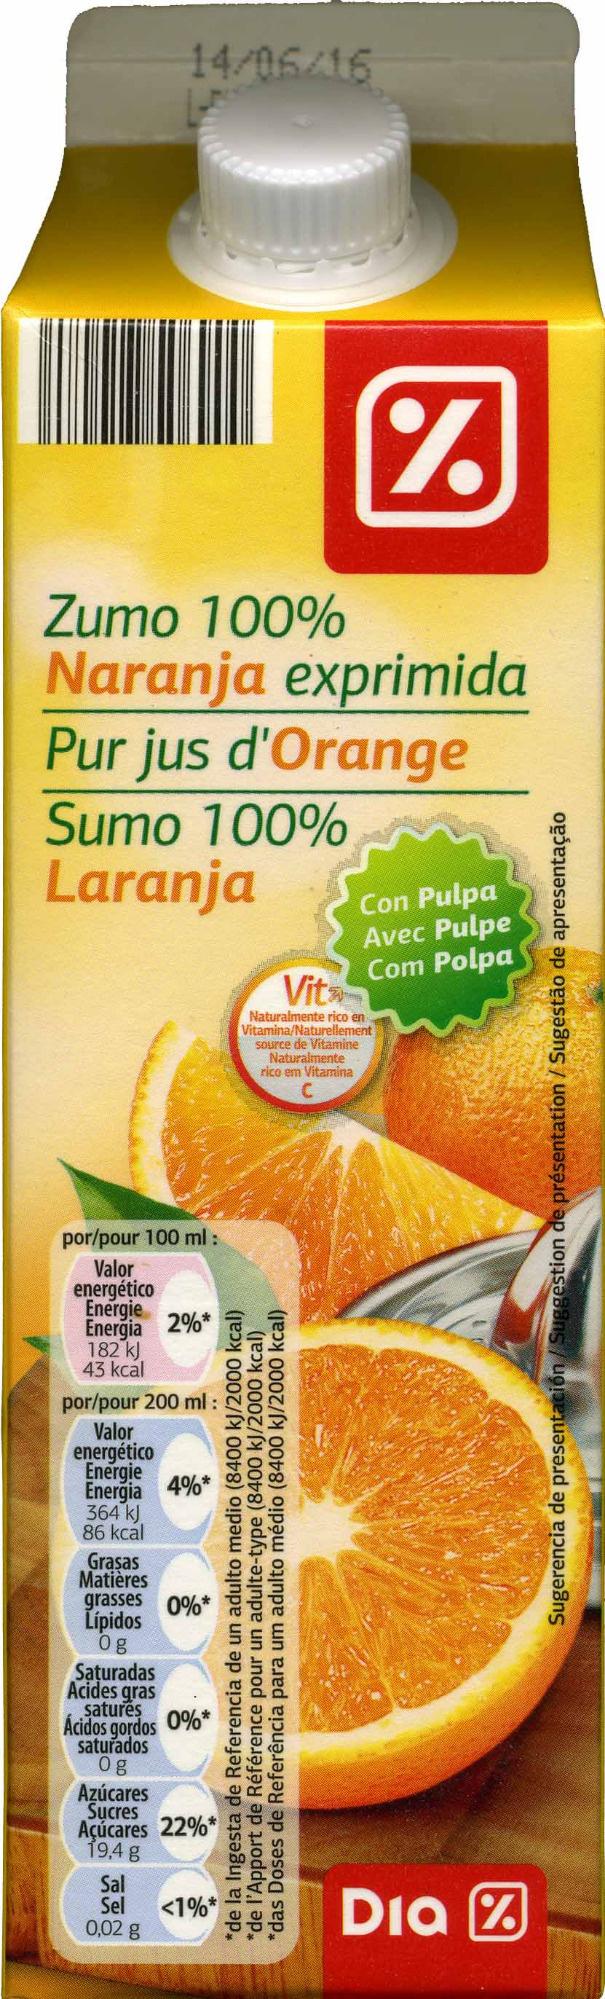 Zumo de naranja exprimida con pulpa - Producte - es